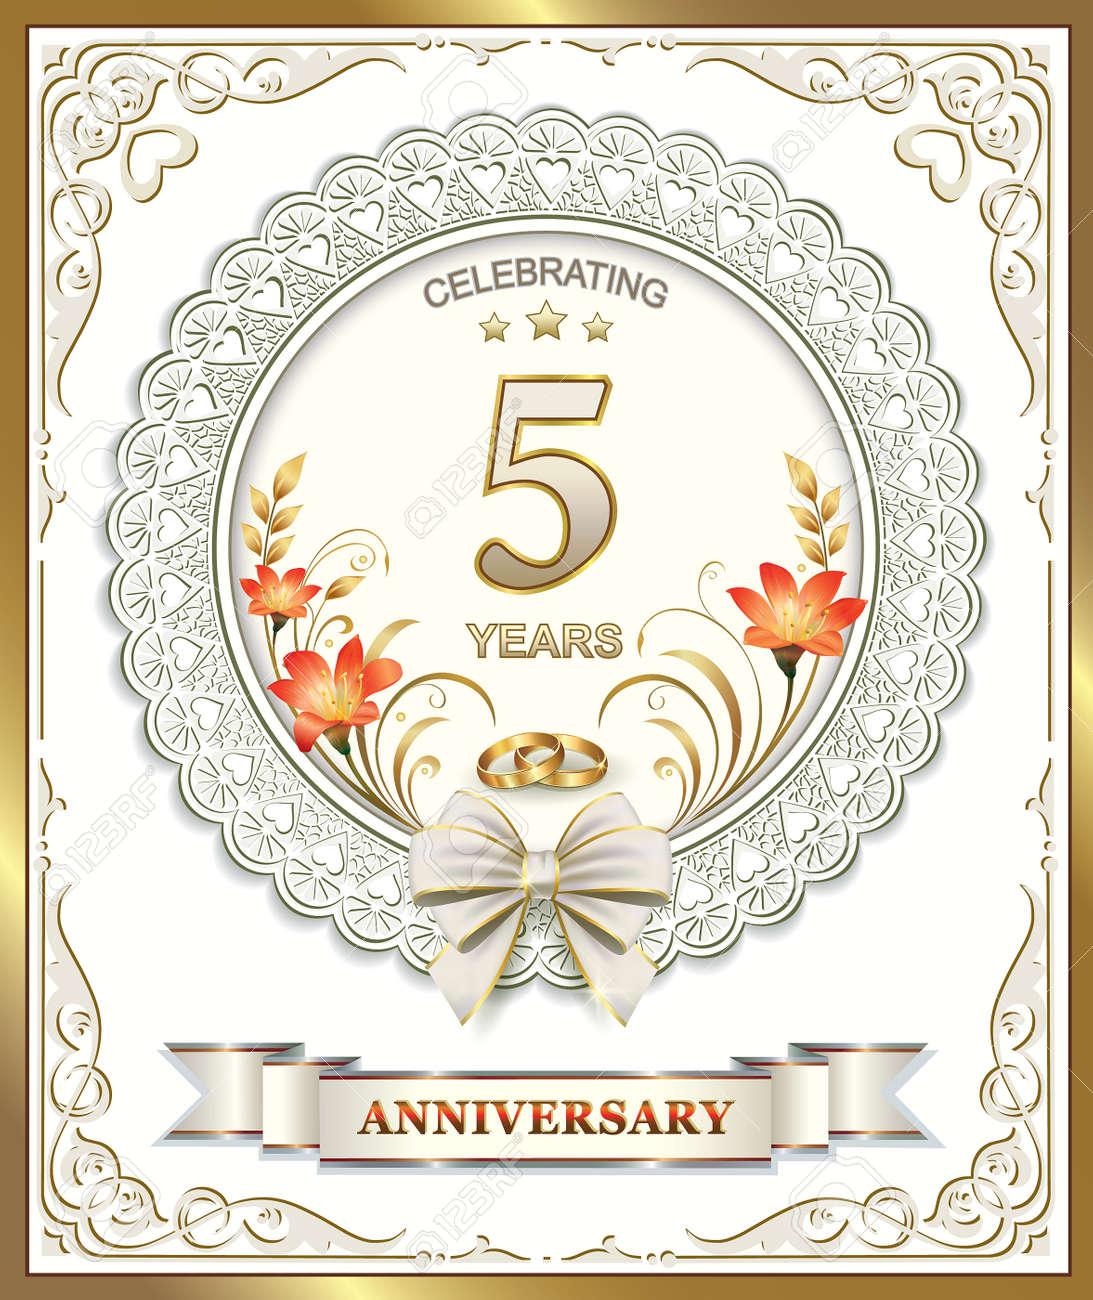 Quinto Anniversario Di Matrimonio.Vettoriale 5 Anniversario Image 41076184